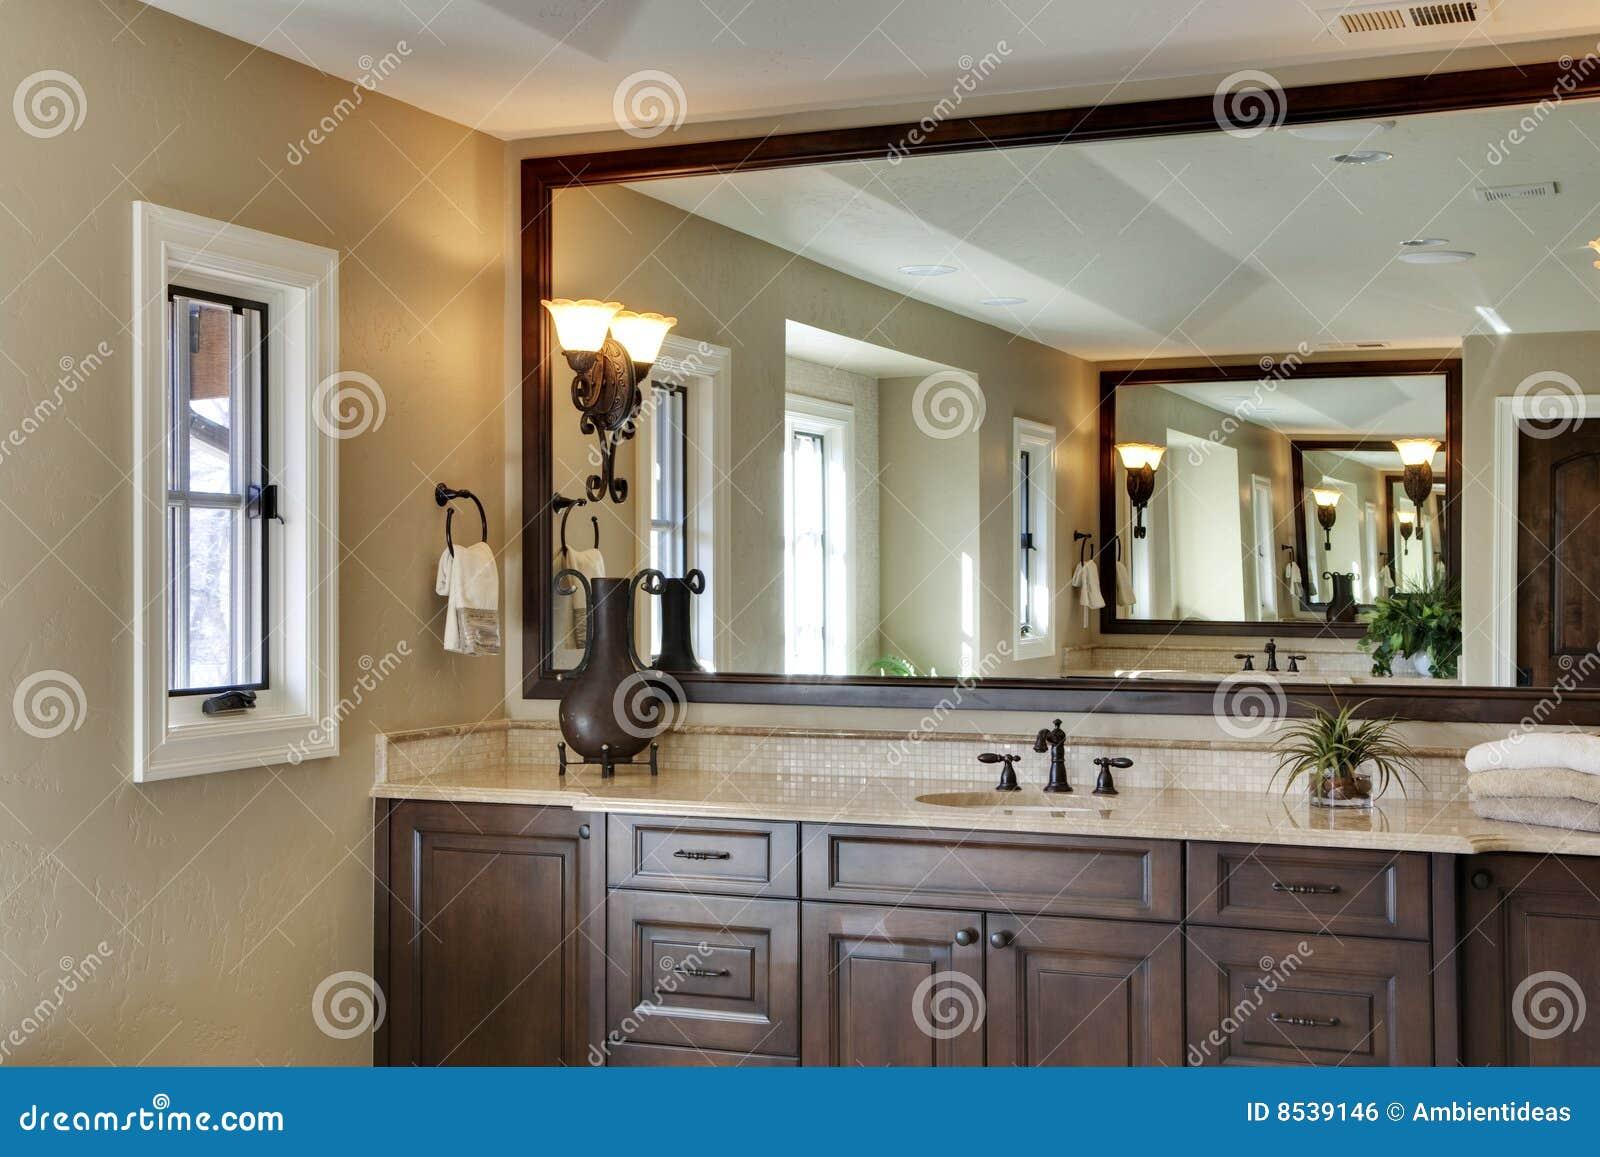 Stor Spegel För Badrum Royaltyfri Bild - Bild: 8539146